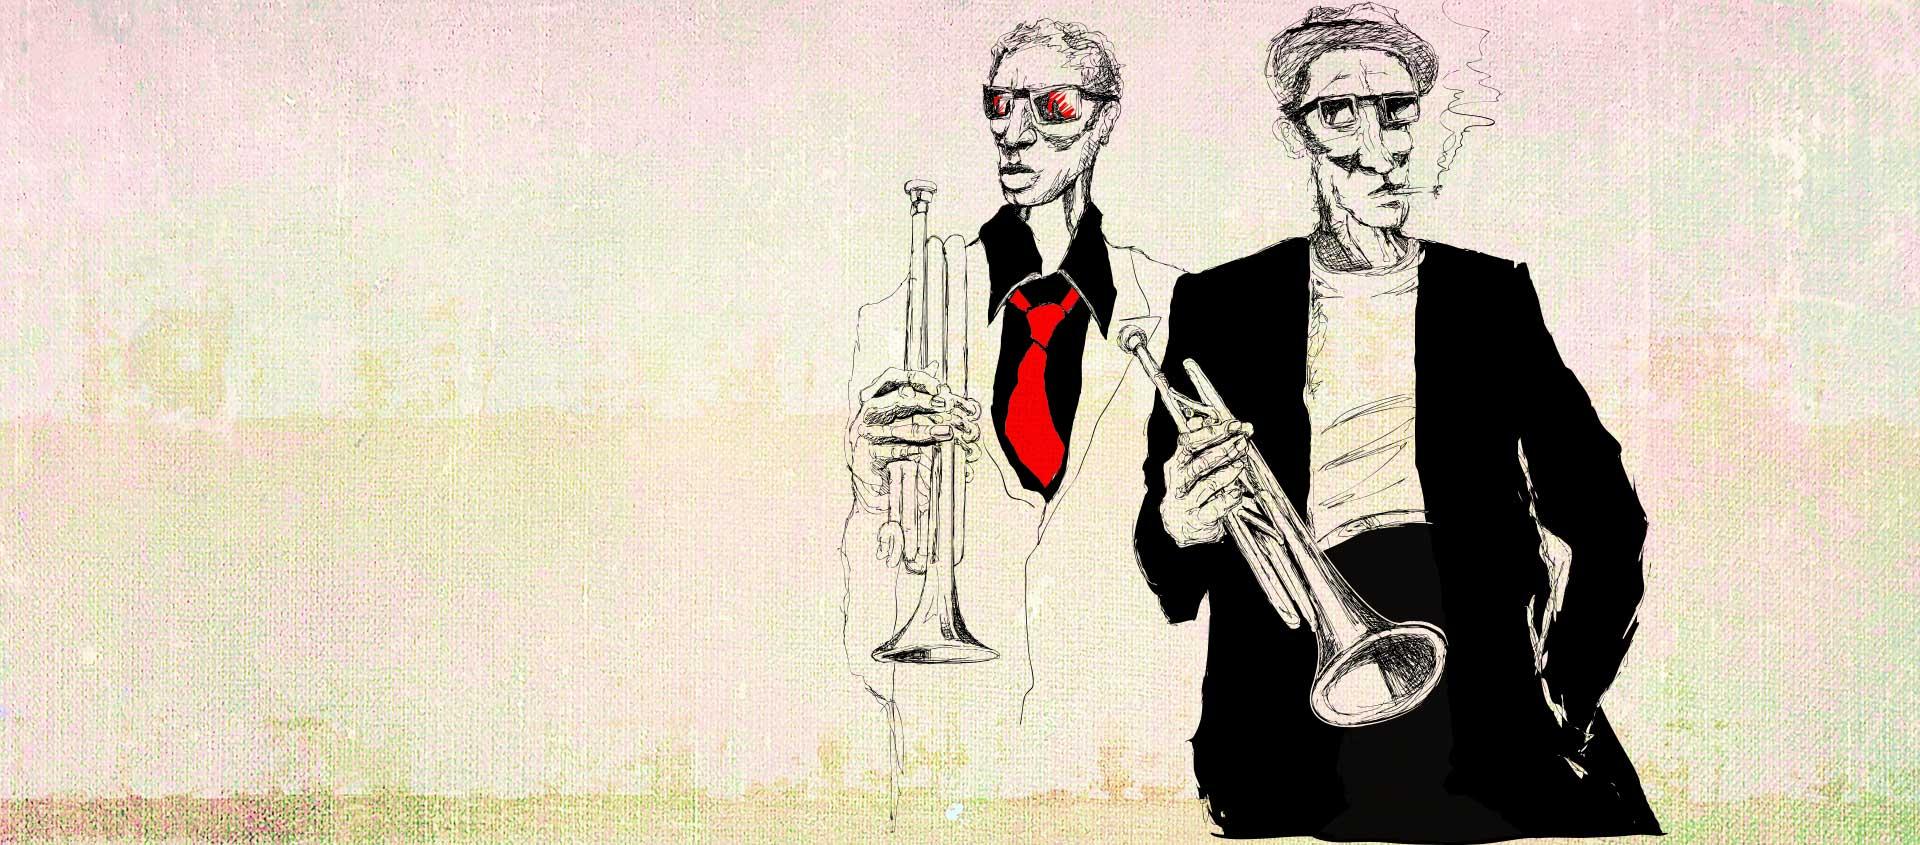 дизайн - как джаз, классика или импровизация, только не скука!